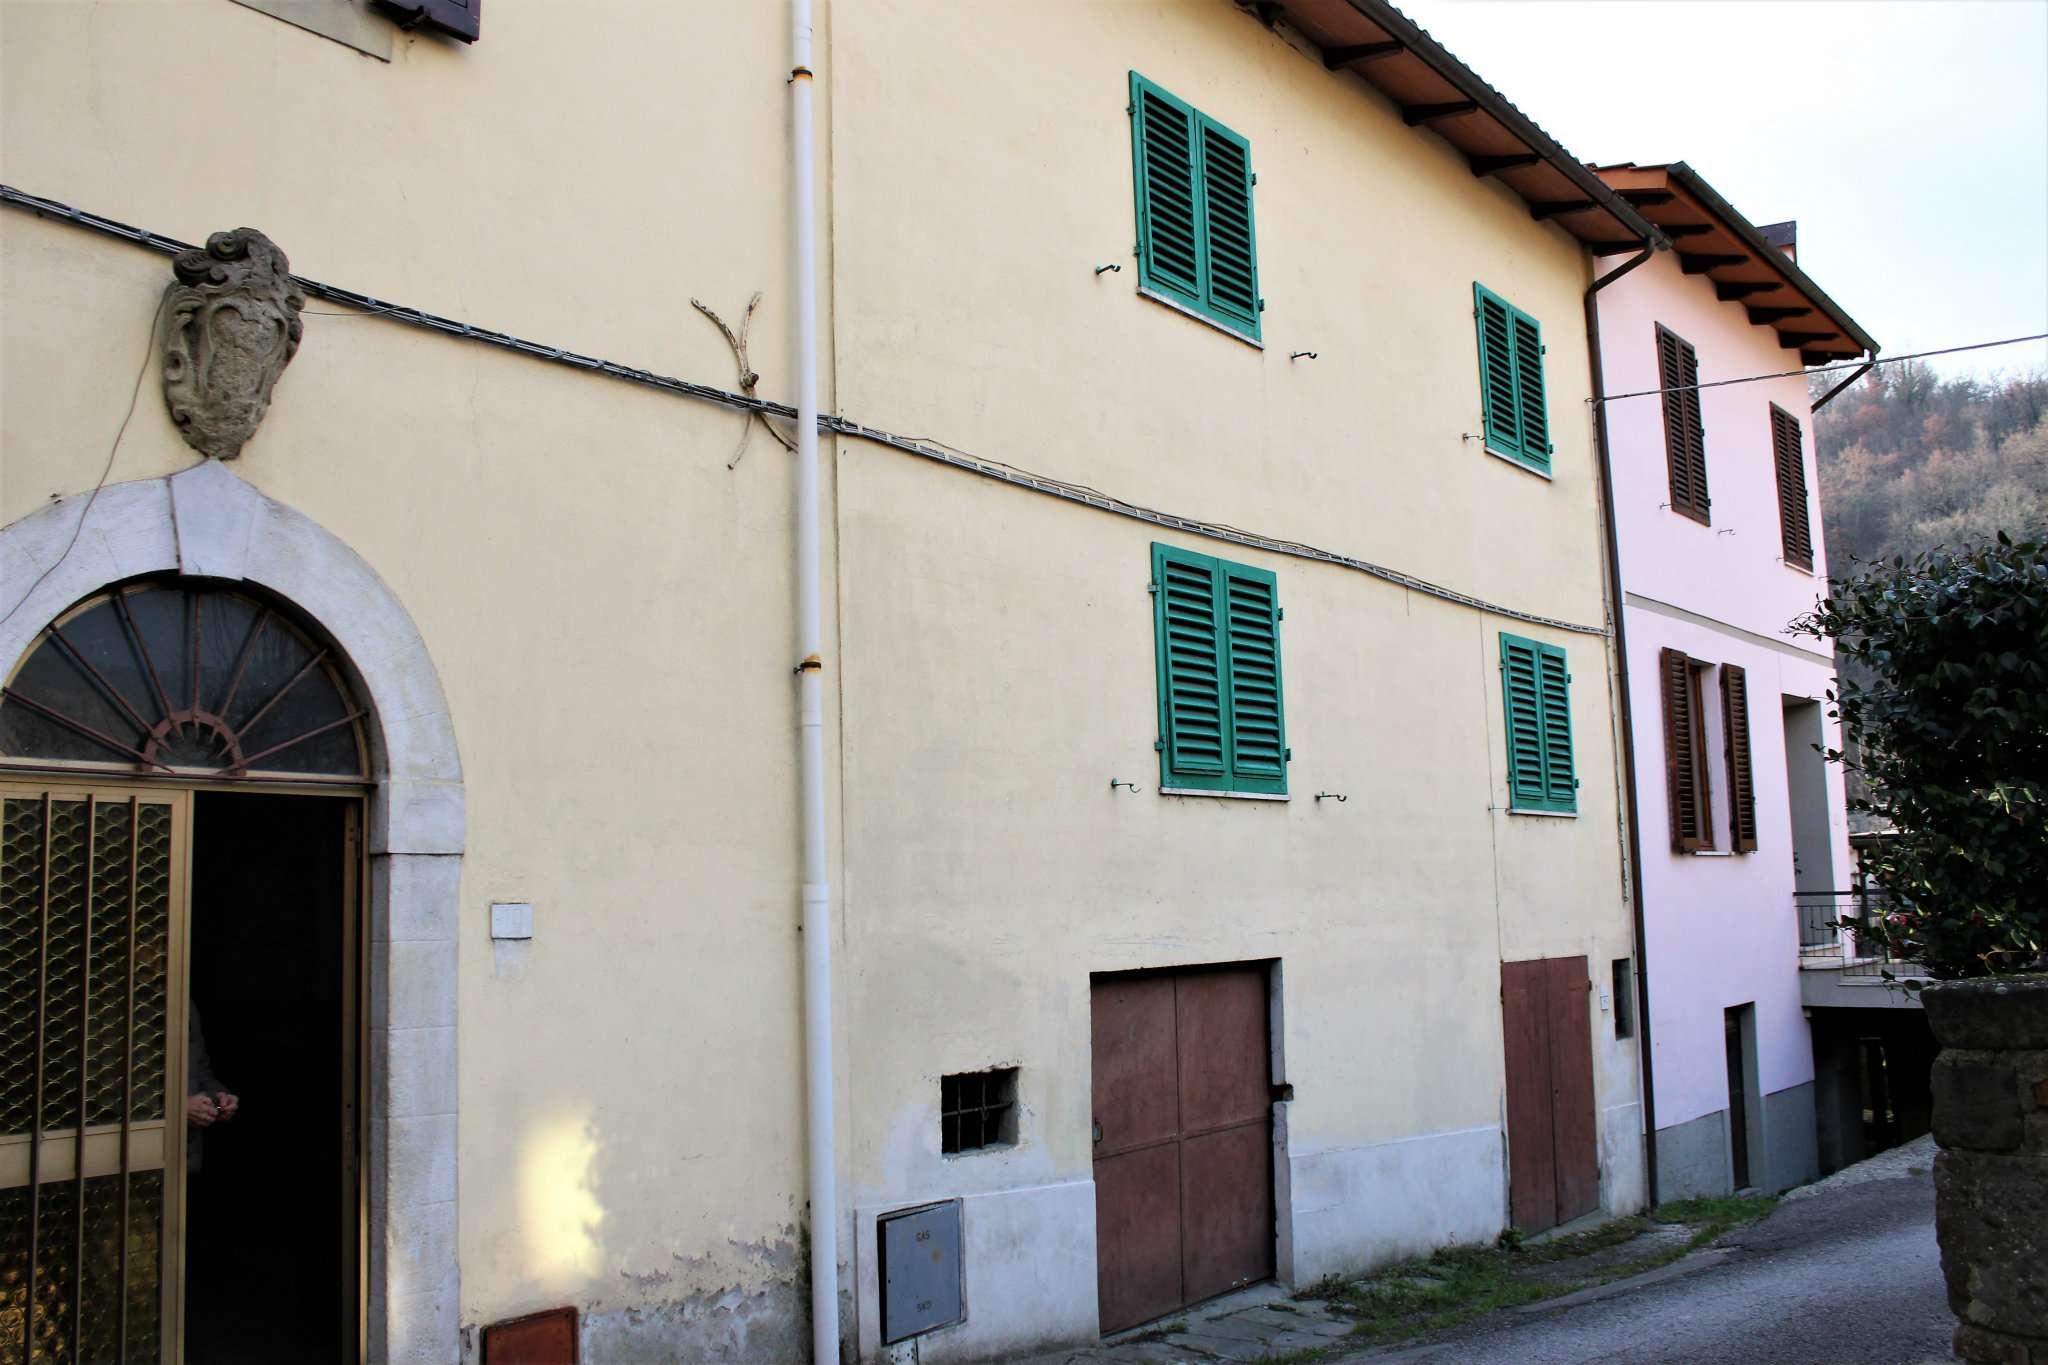 Palazzo / Stabile in vendita a Rufina, 11 locali, prezzo € 88.000 | Cambio Casa.it